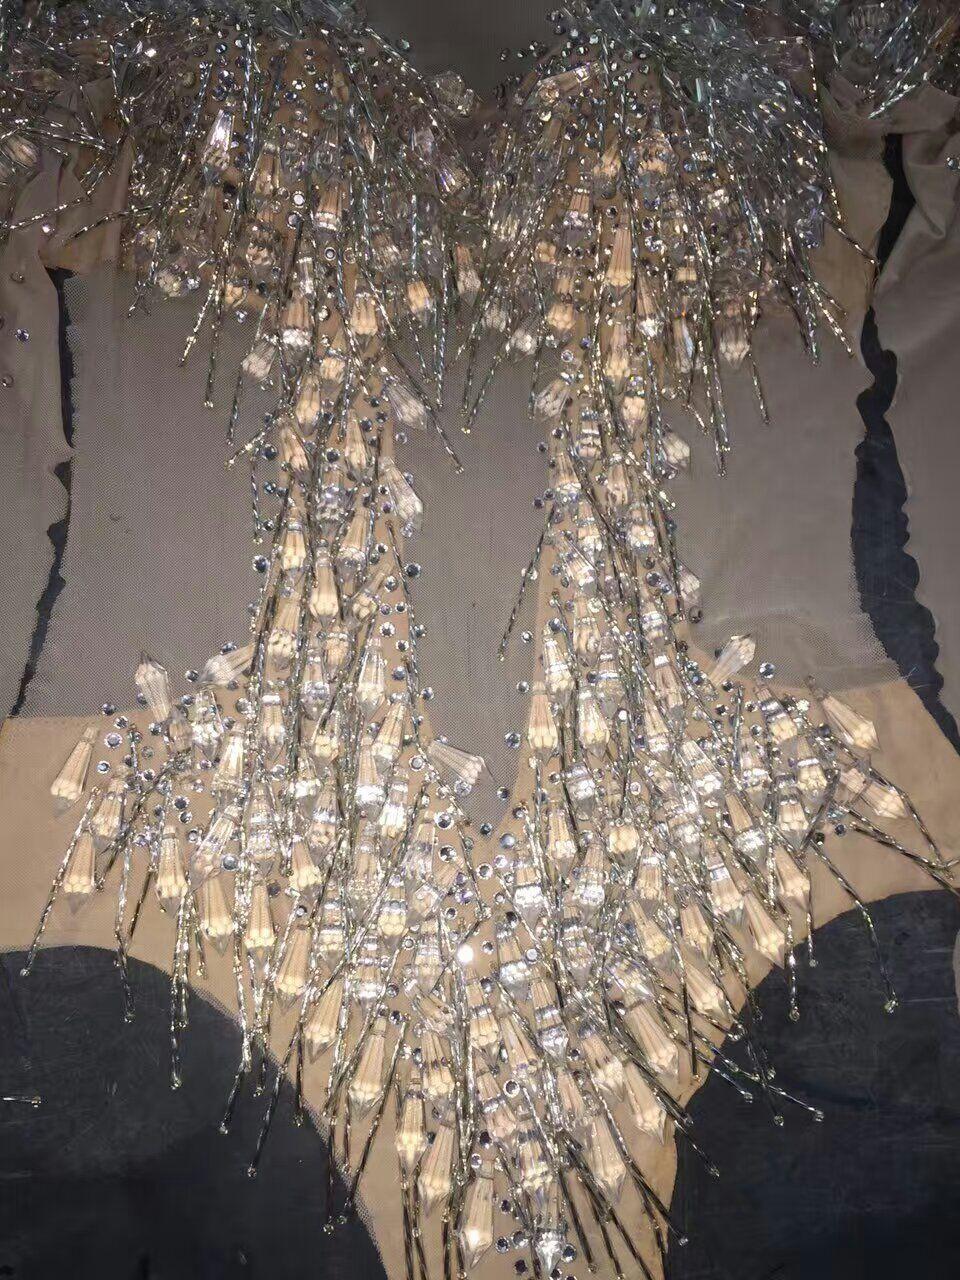 De Verre Costume Long Gland Sexy Usage Prom short Discothèque Vêtements Couleur Barboteuses Party Strass Chanteuse Peau D'étape La Outfit qXWHHRn0T